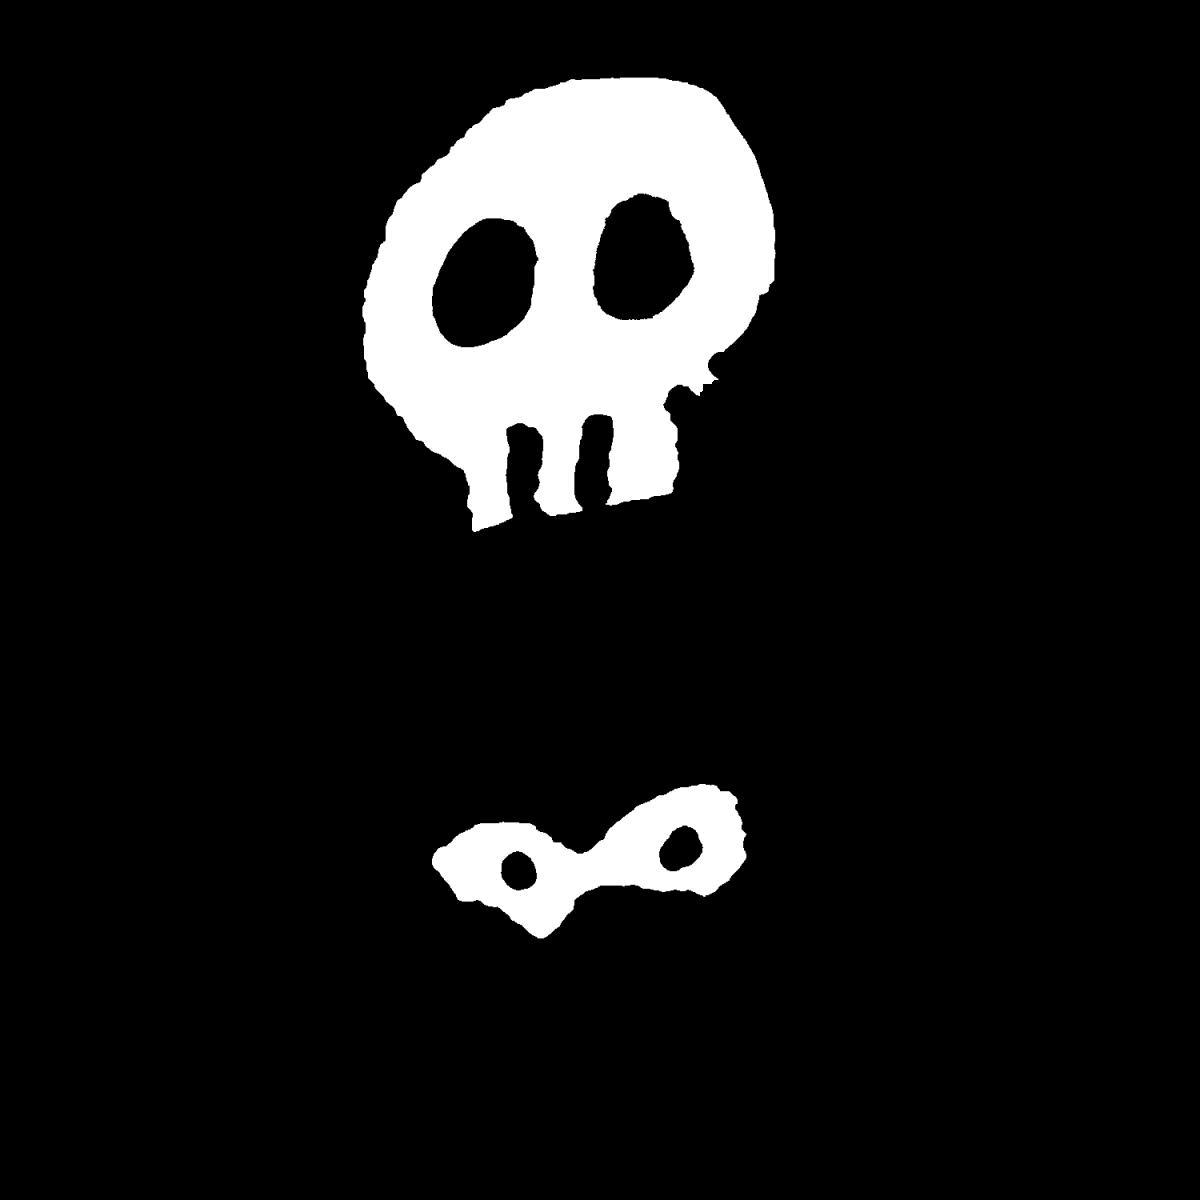 元気な骨のイラスト / Healthy bones Illustration